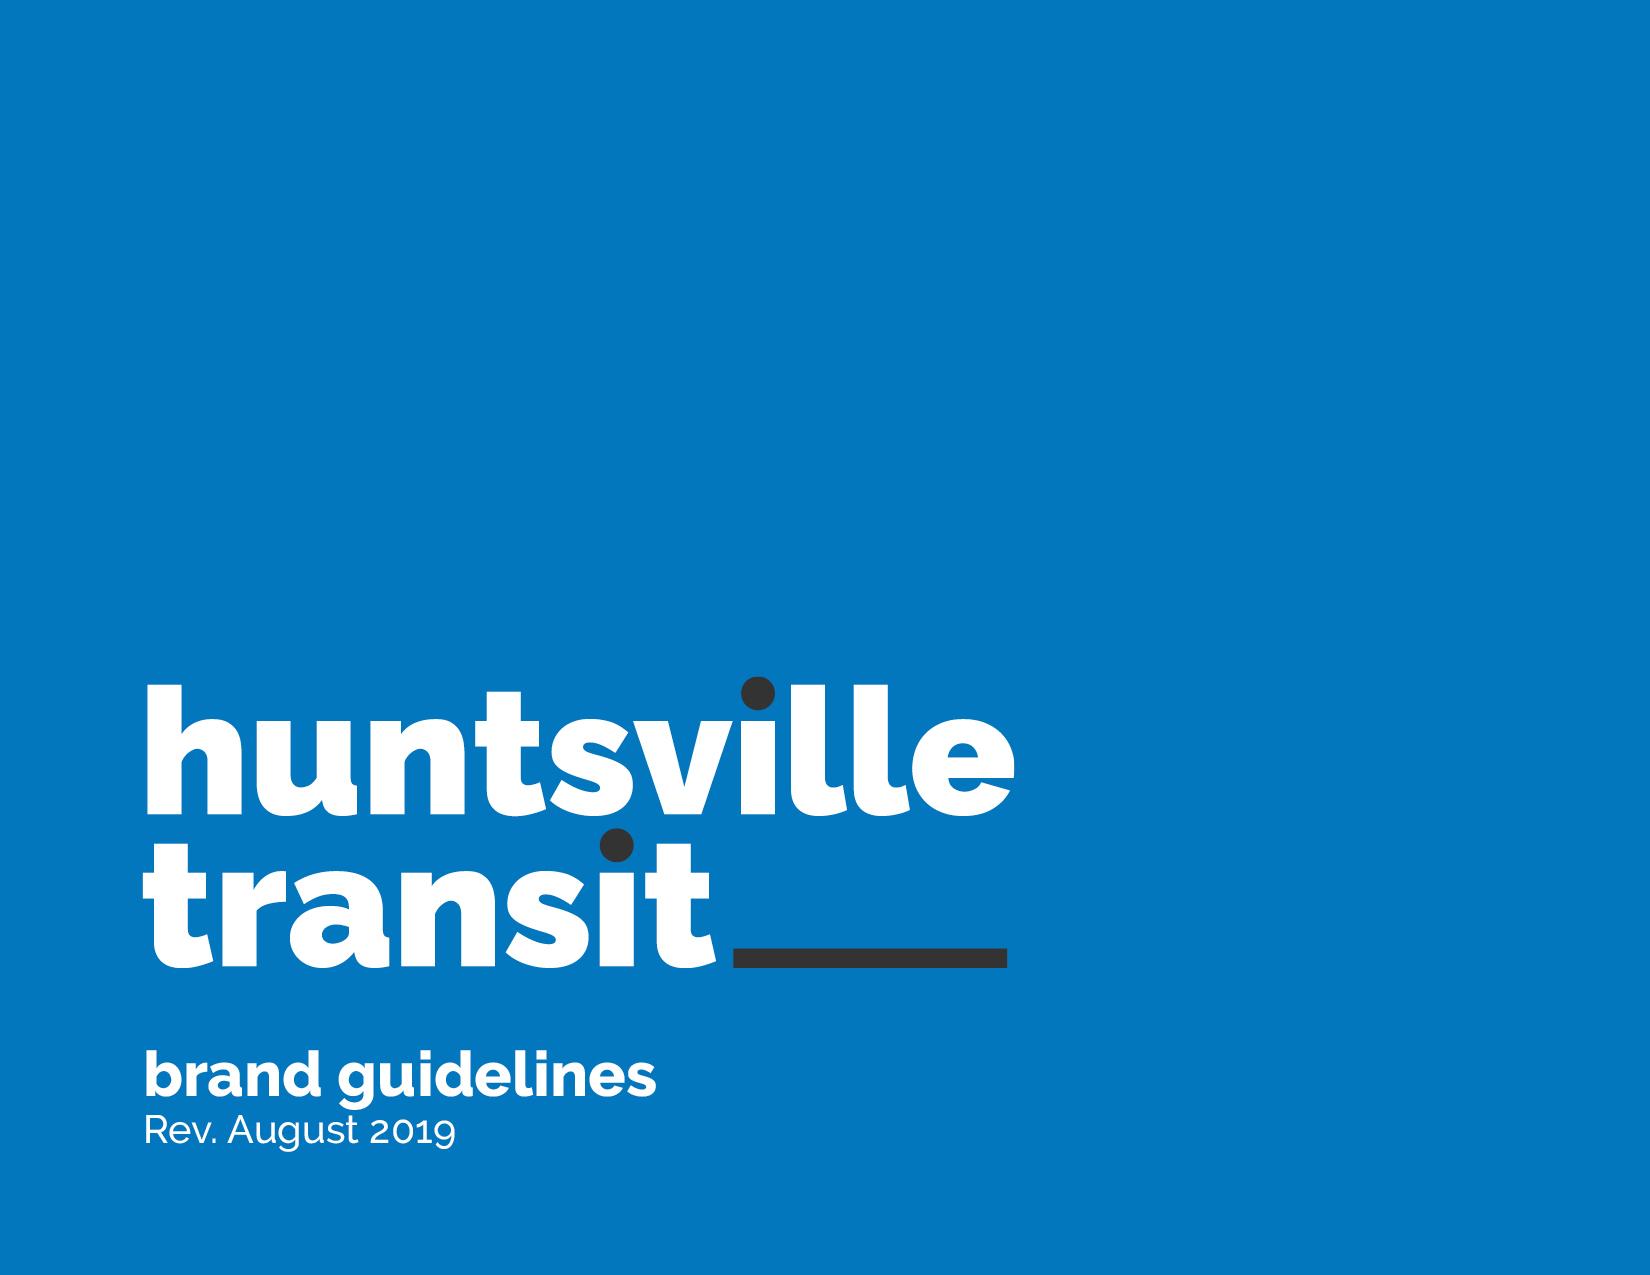 HuntsvilleTransit_StyleGuide_082019_R1-v1.jpg